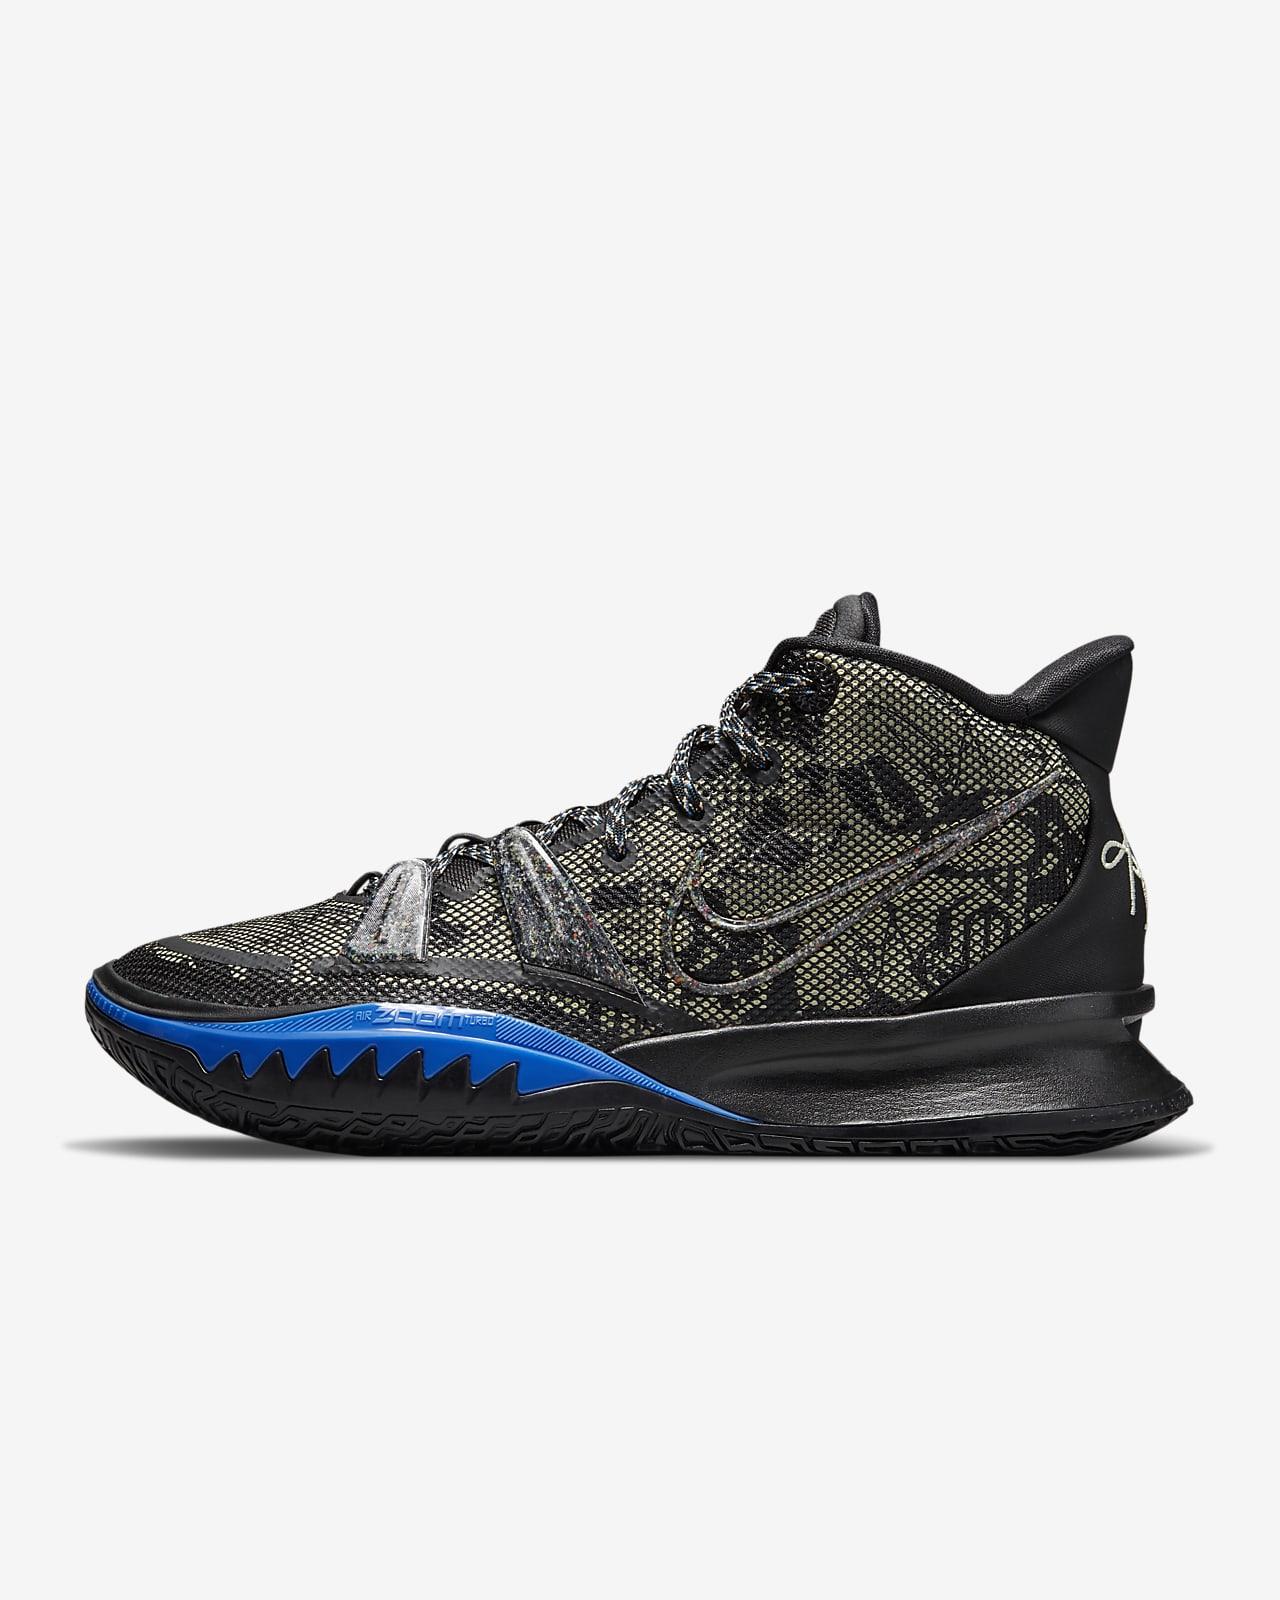 Chaussure de basketball Kyrie 7